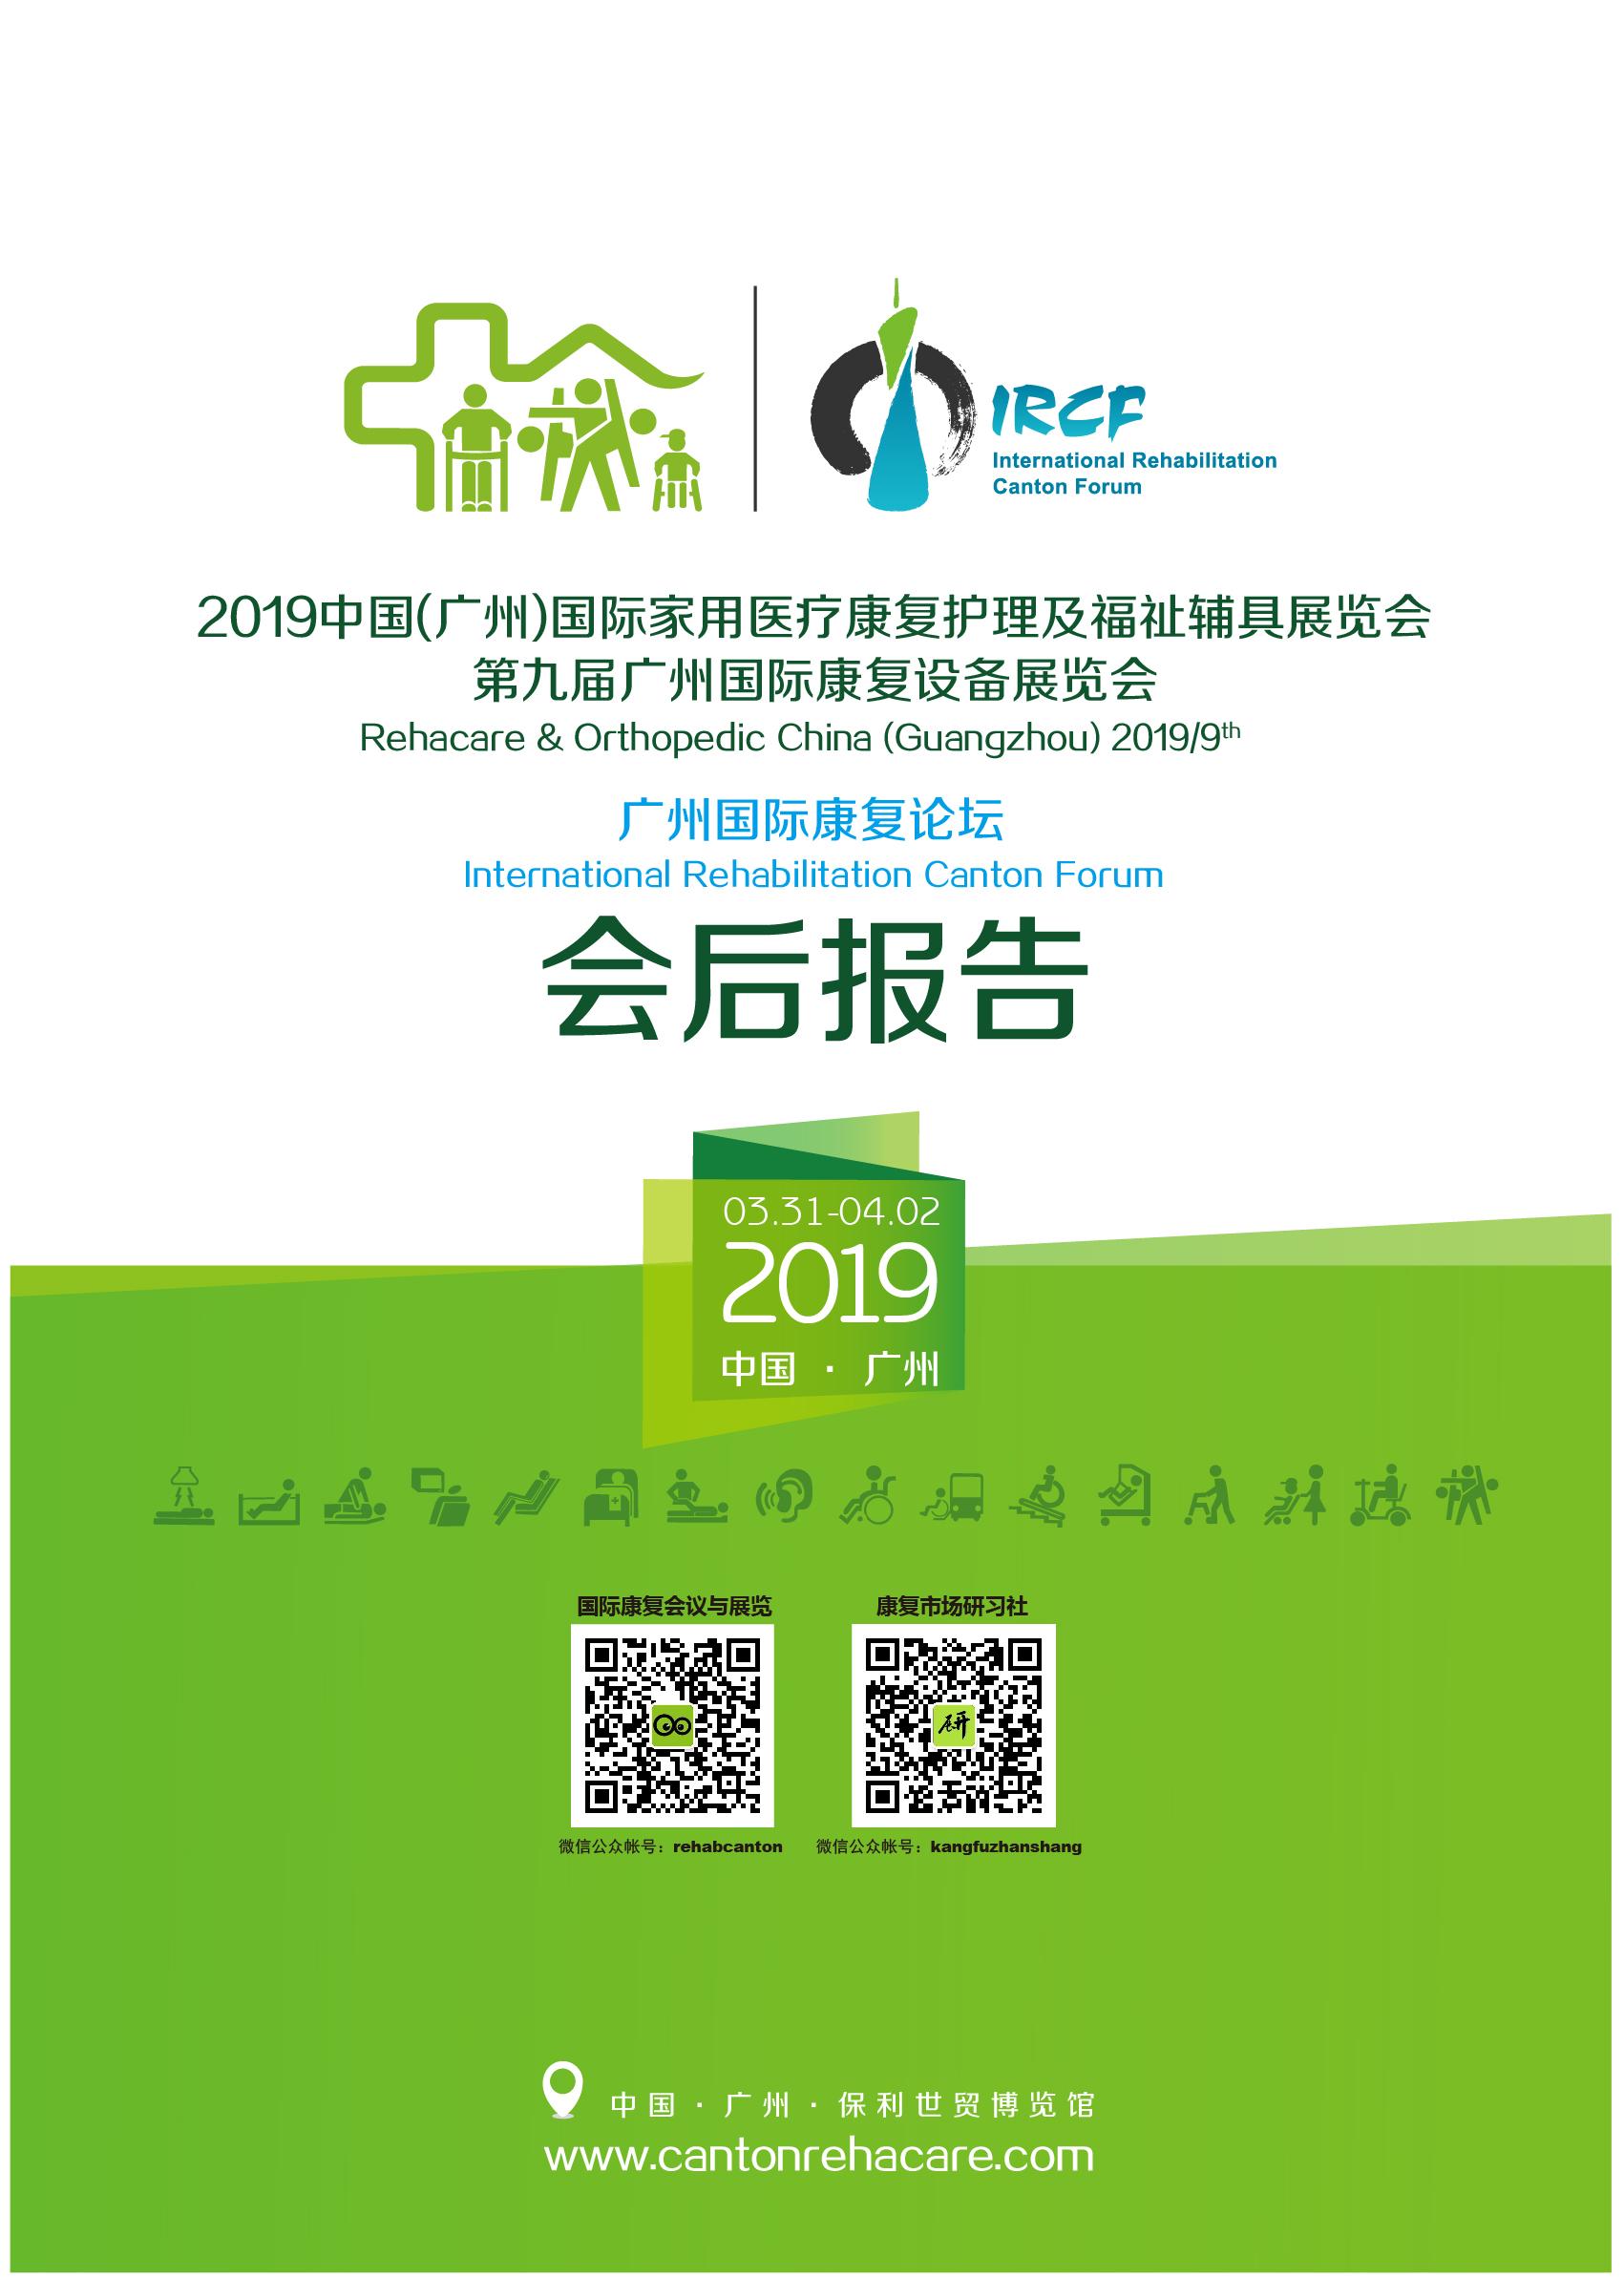 2019中国(广州)国际康复设备及福祉辅具展览会暨广州国际康复论坛总结报告